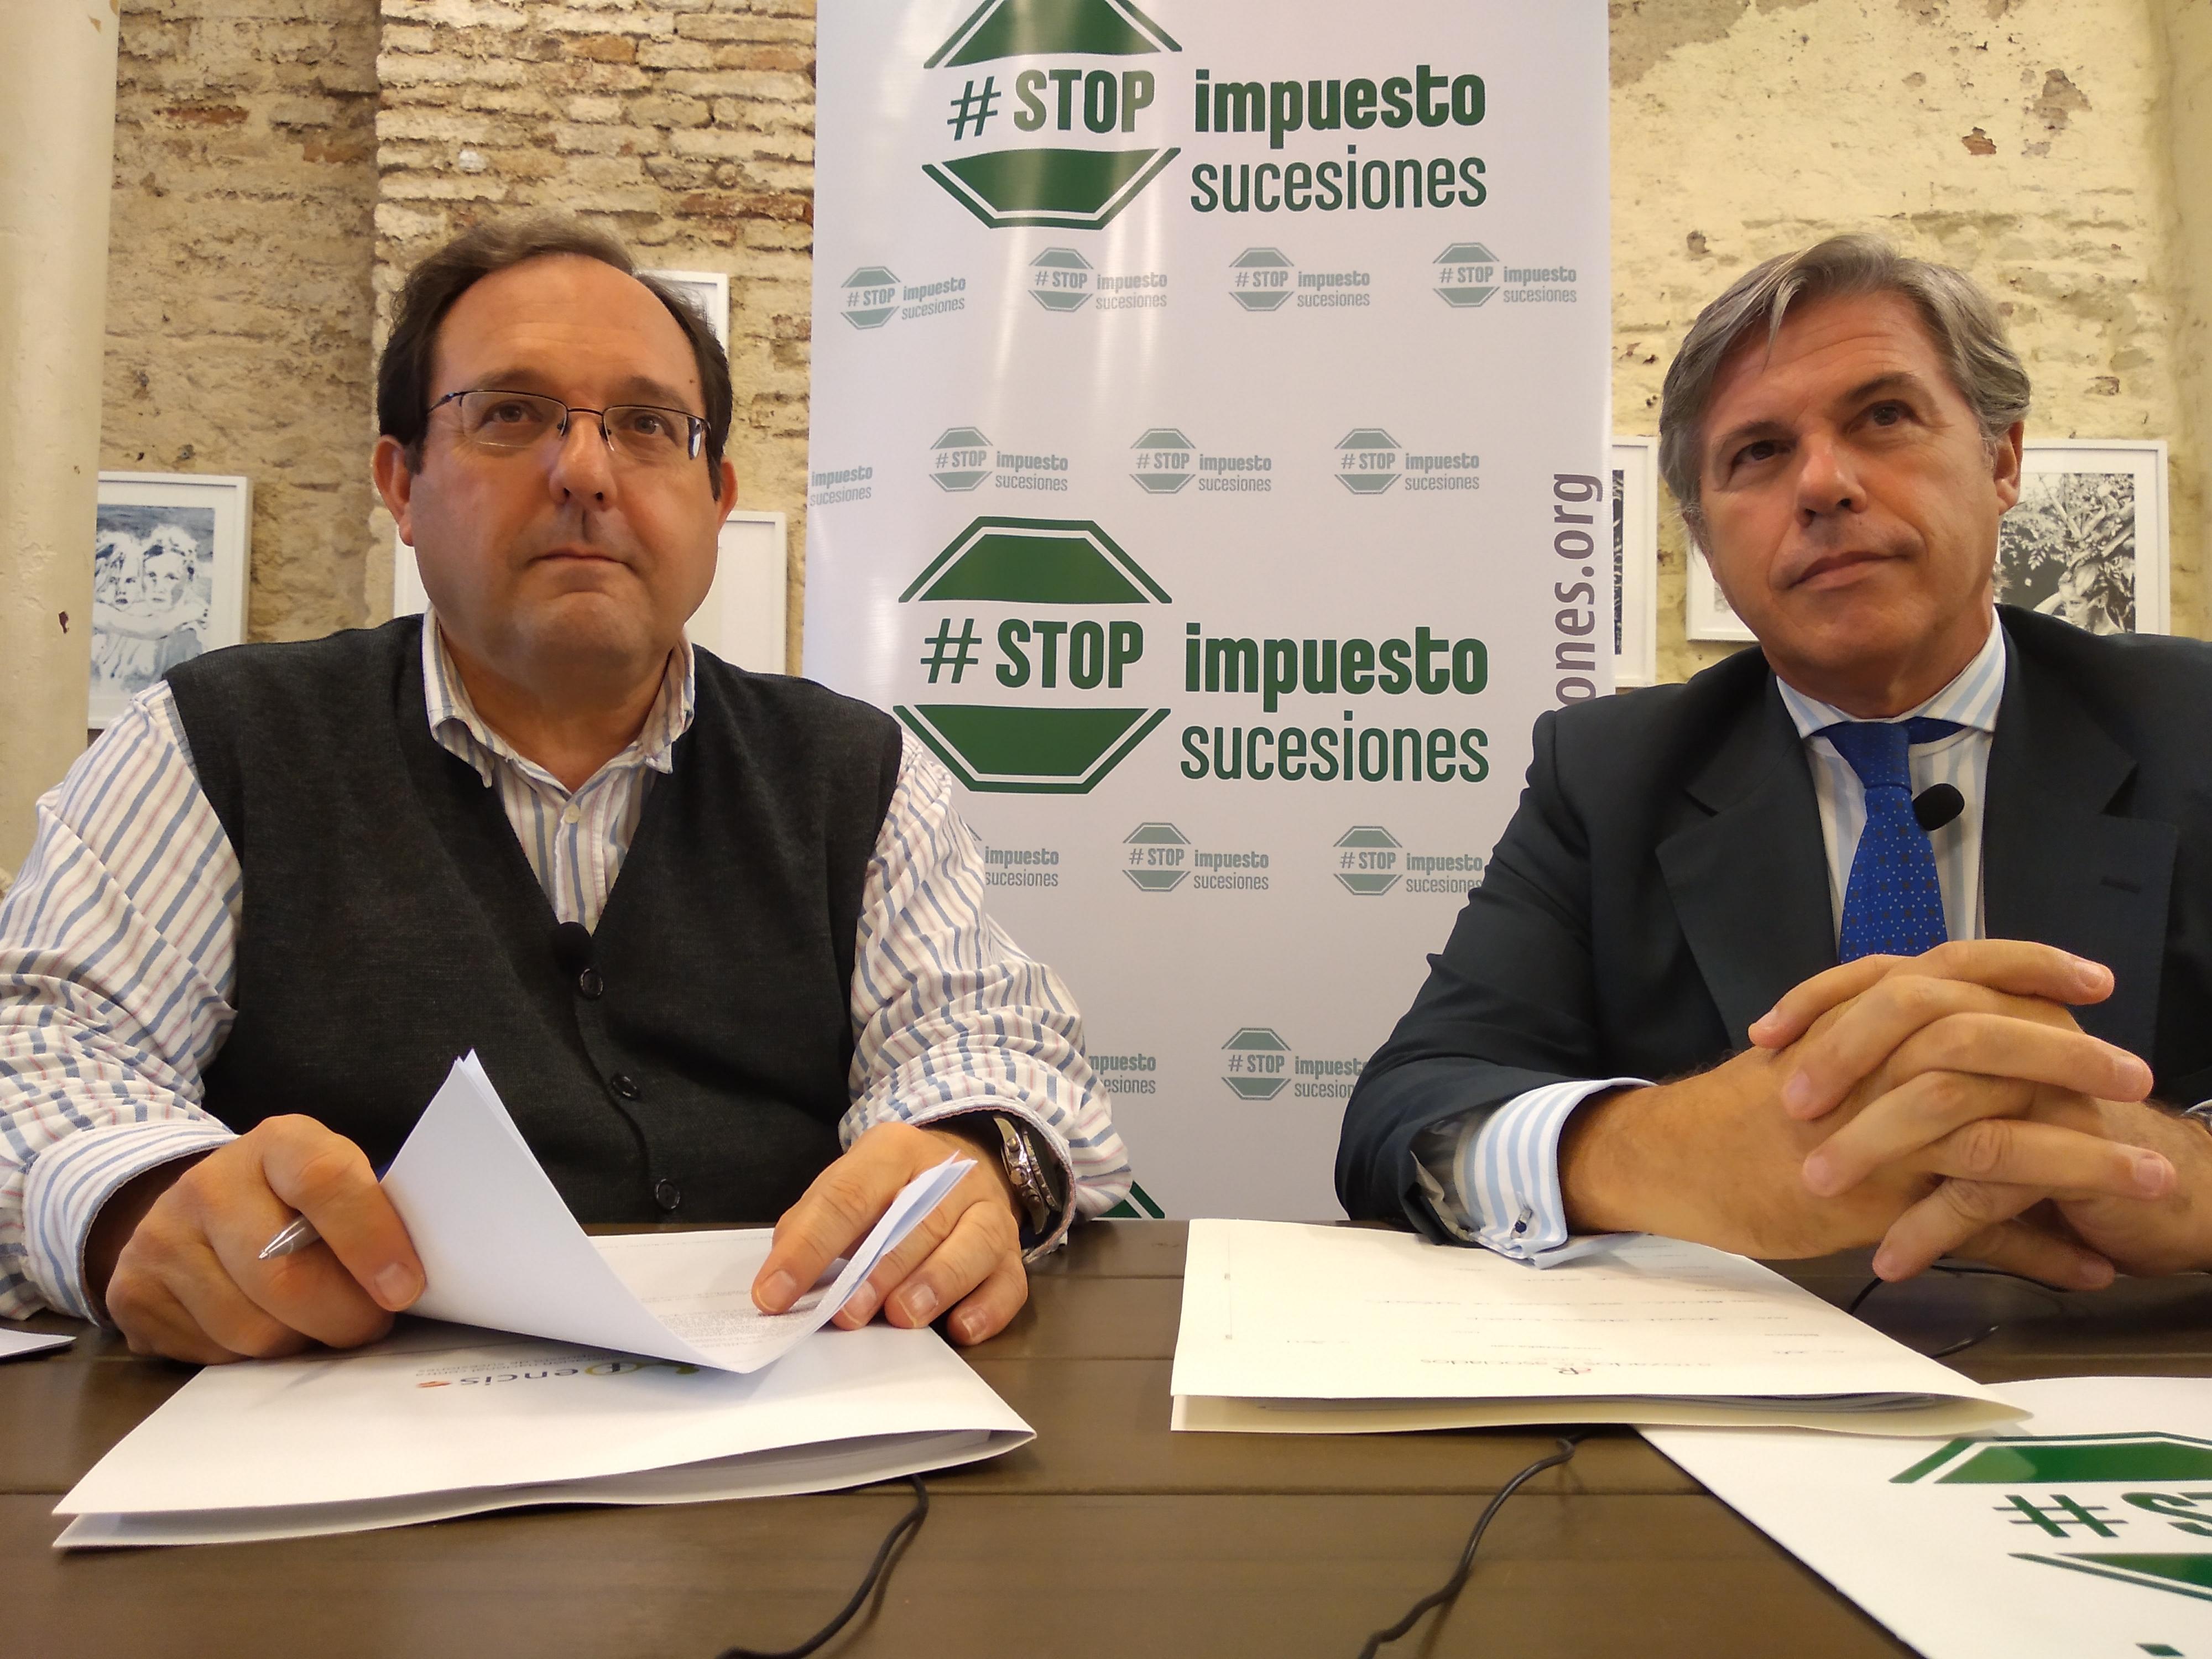 El Ilustre Abogado de Stop Impuesto de Sucesiones, D.Armando Rozados, presenta una demanda, contra el estado admitida a tramite